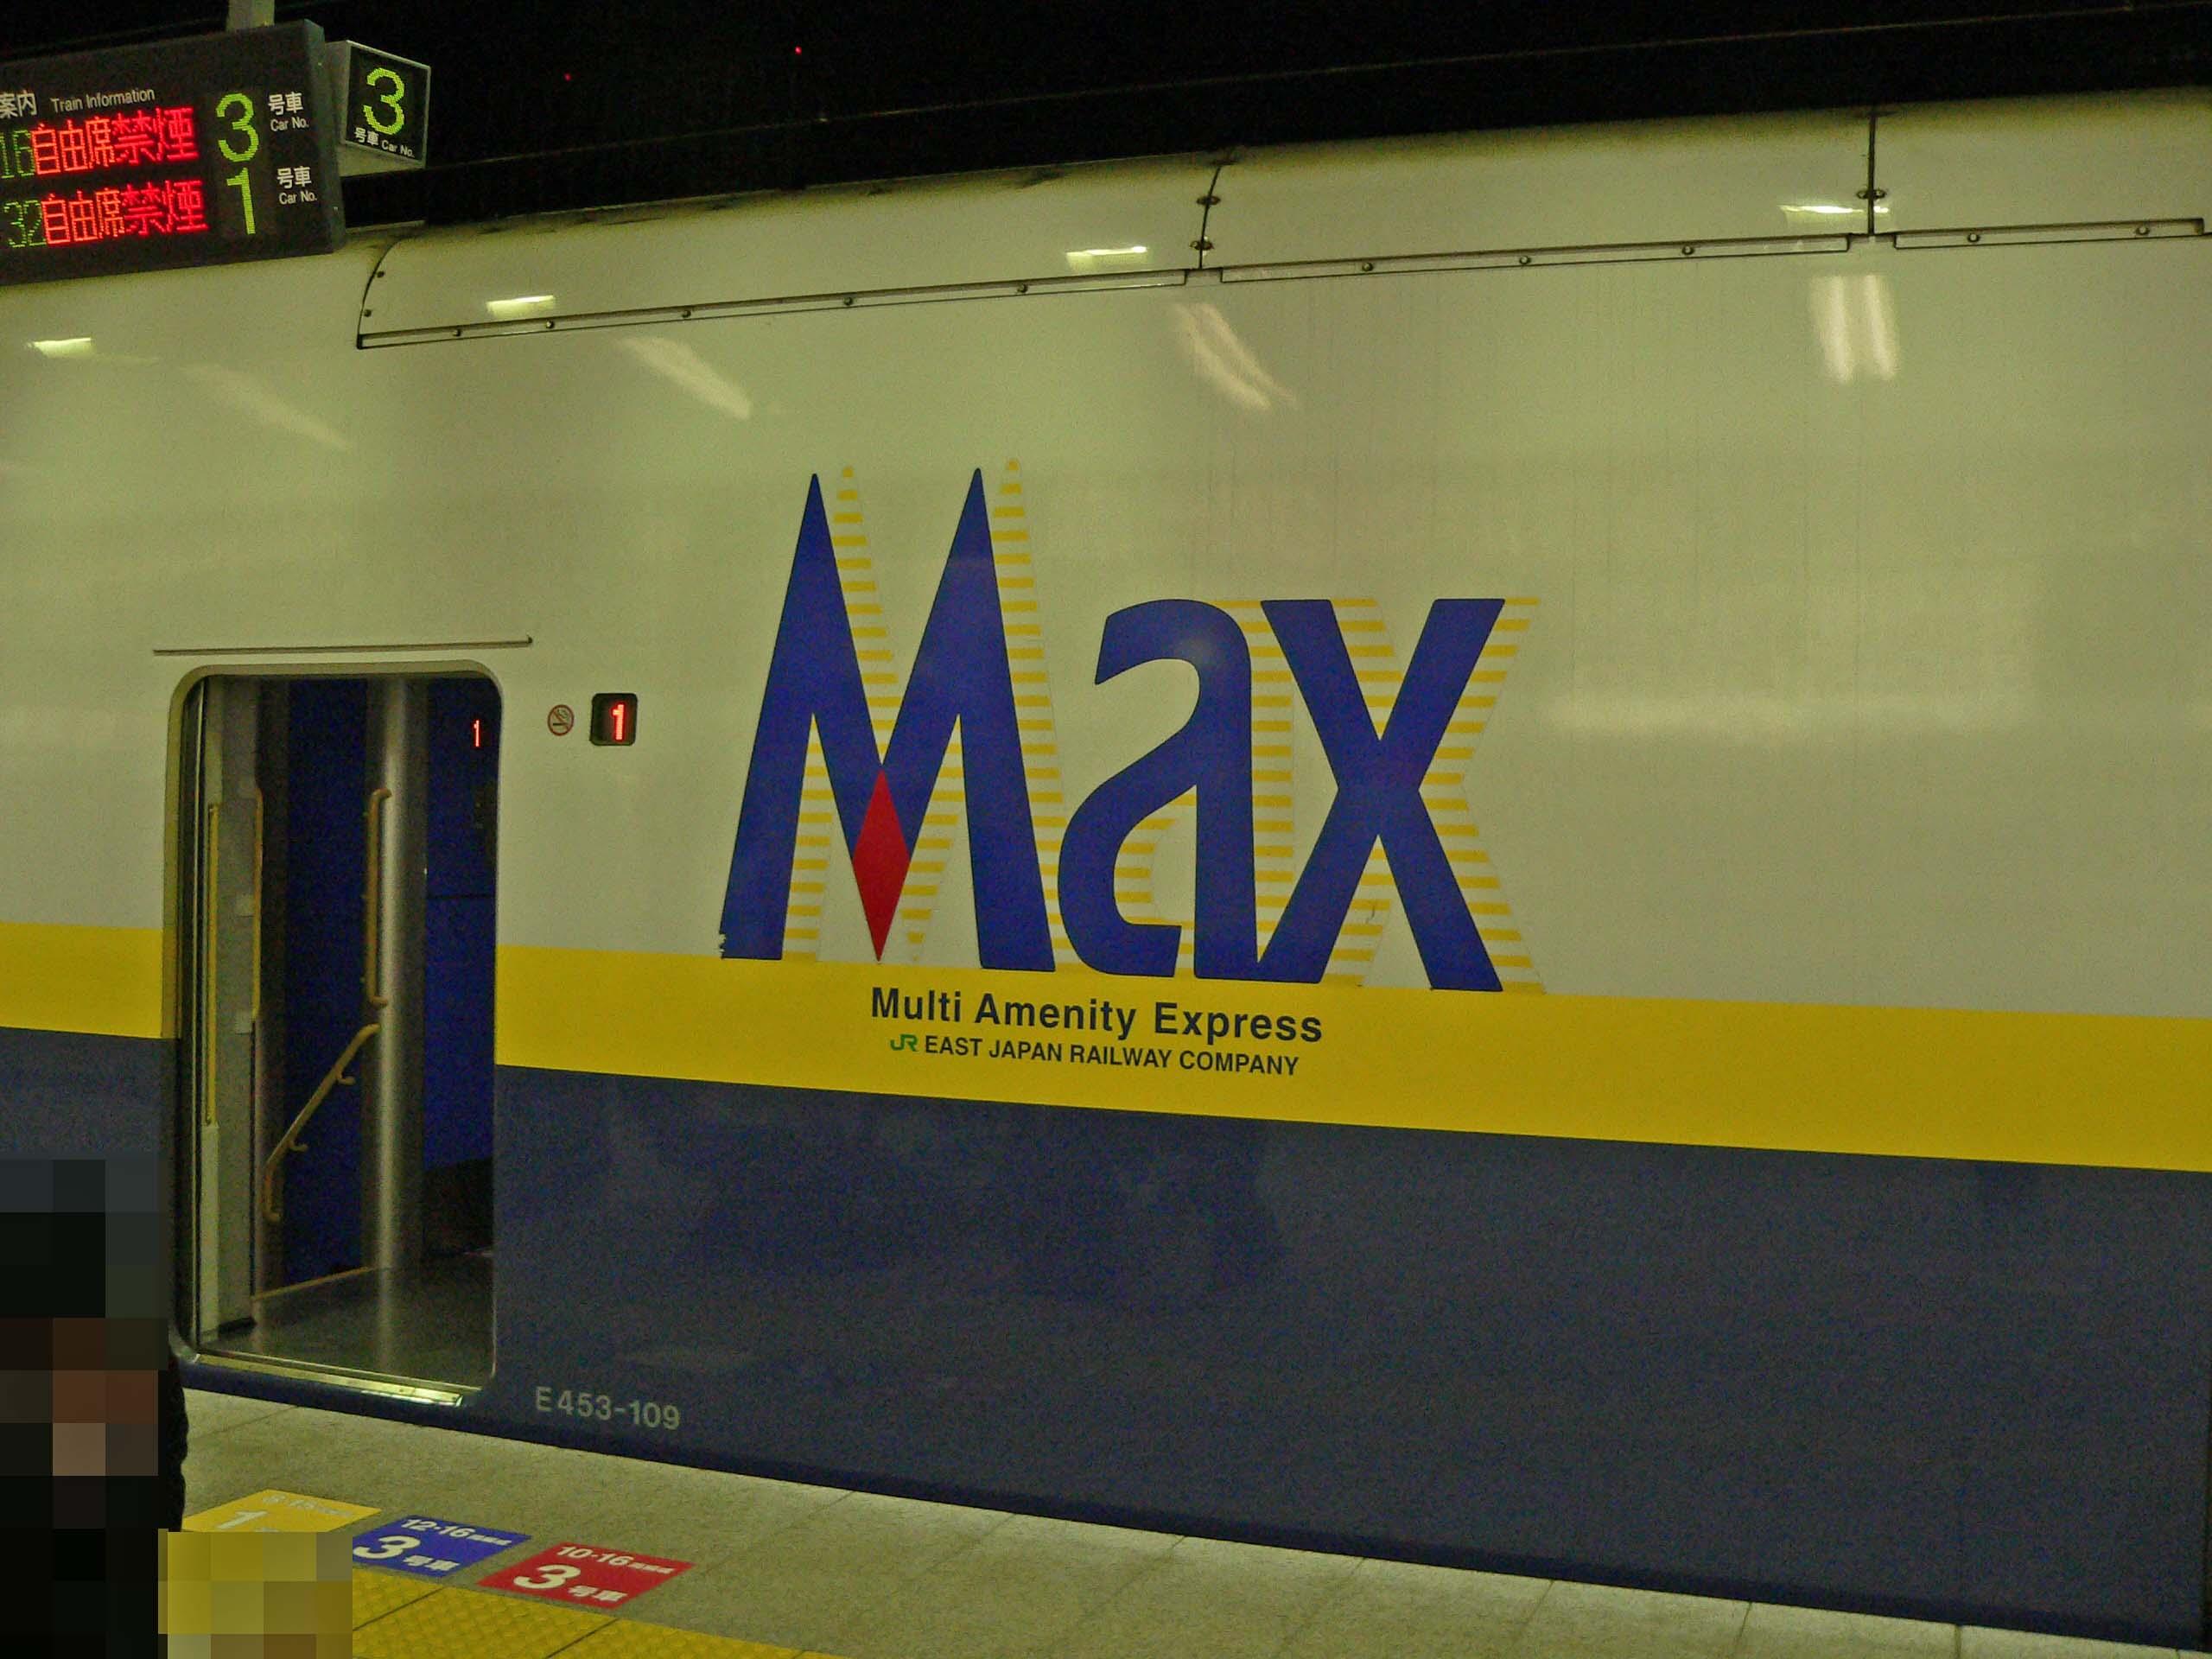 MAXのロゴ。MultiAmenityExpressの略のようです。